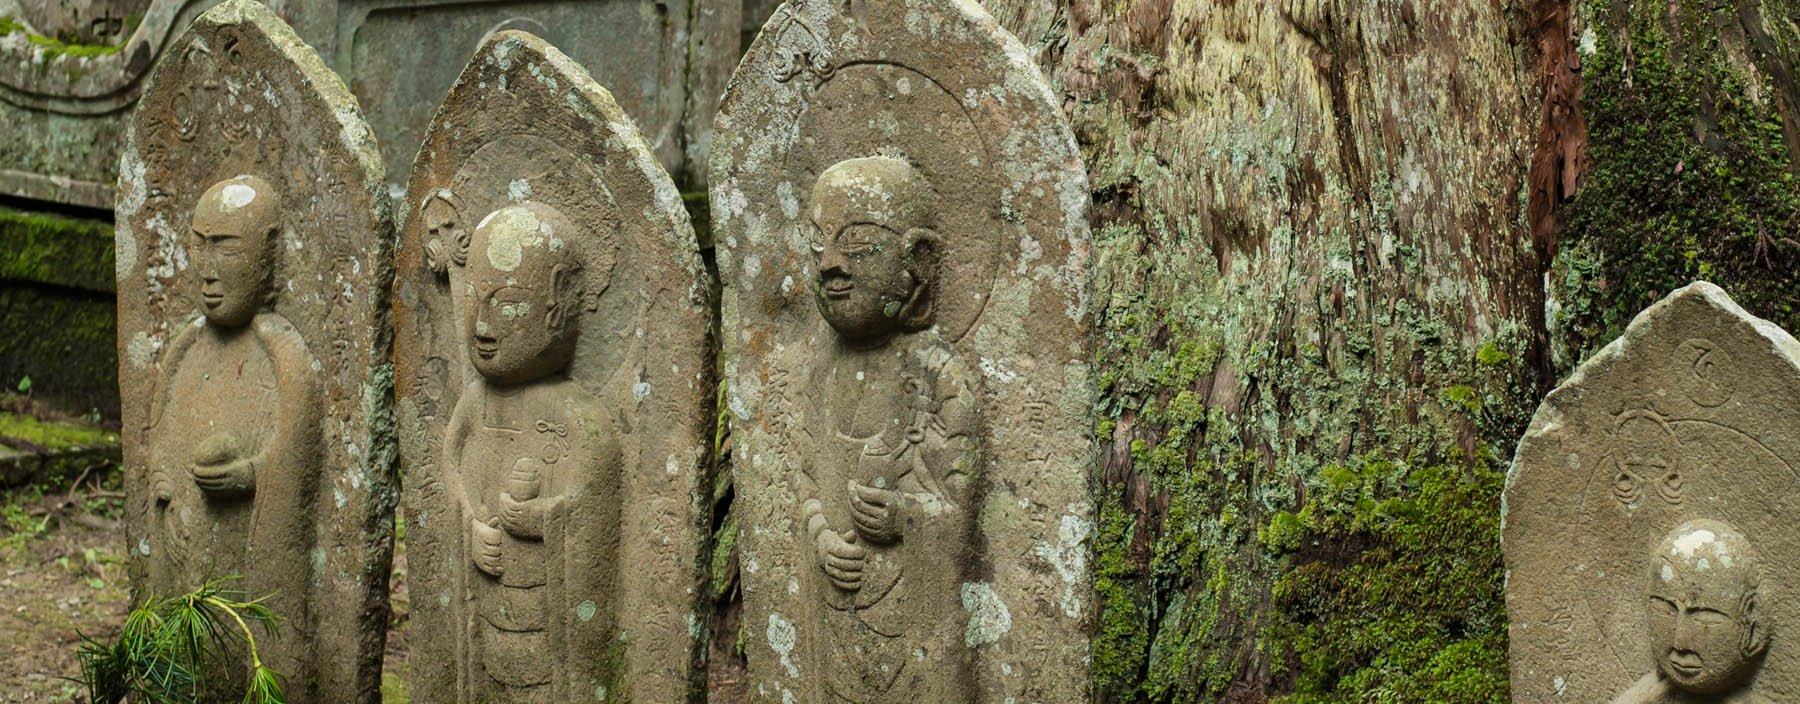 jp, koyasan, jizo beelden op de okunoin begraafplaats.jpg